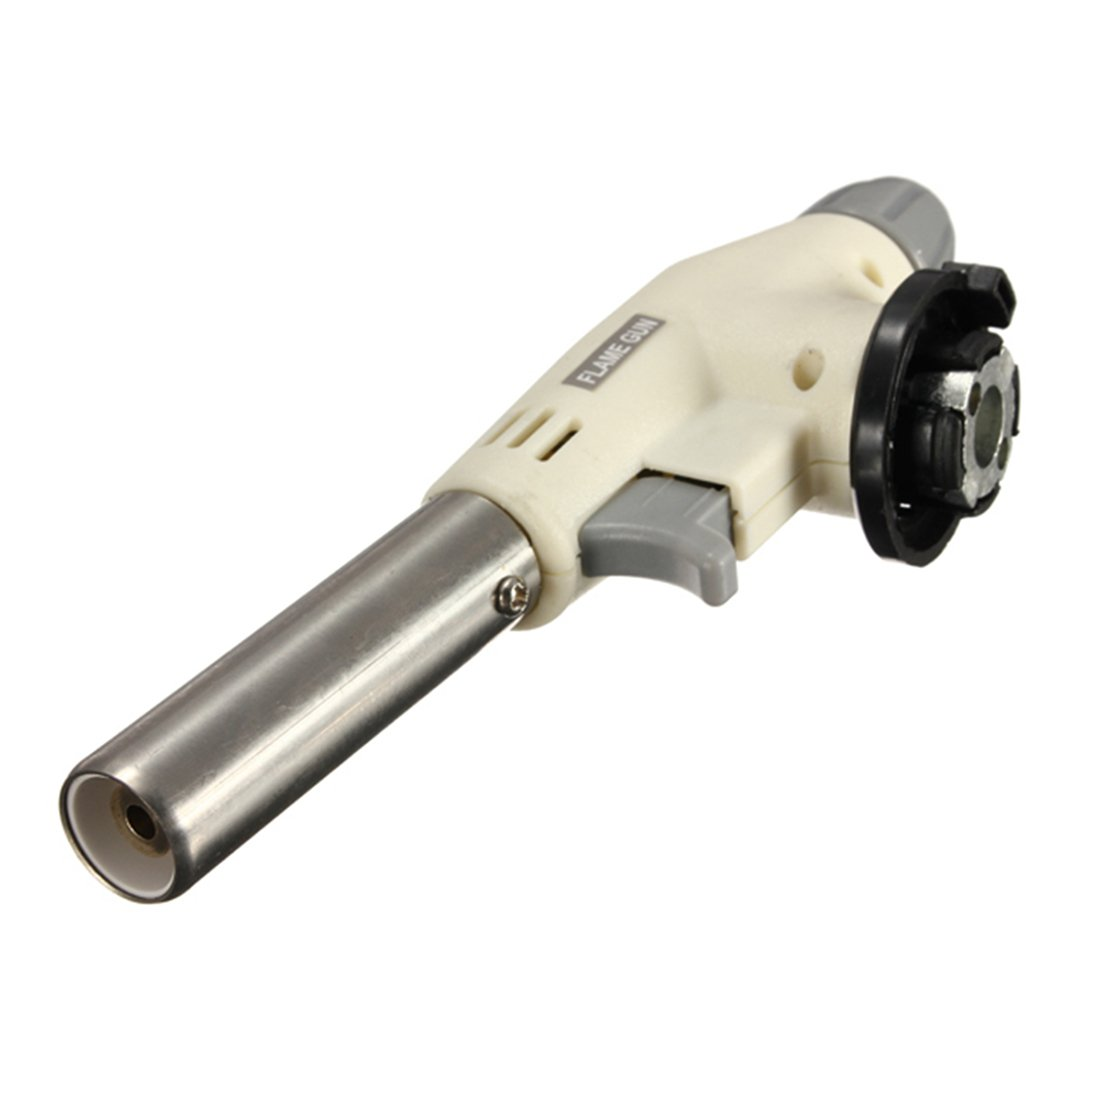 Flame Gun - FLAME GUN Butane Gas Blow Torch Burner Welding Solder Iron Soldering Lighter Flame